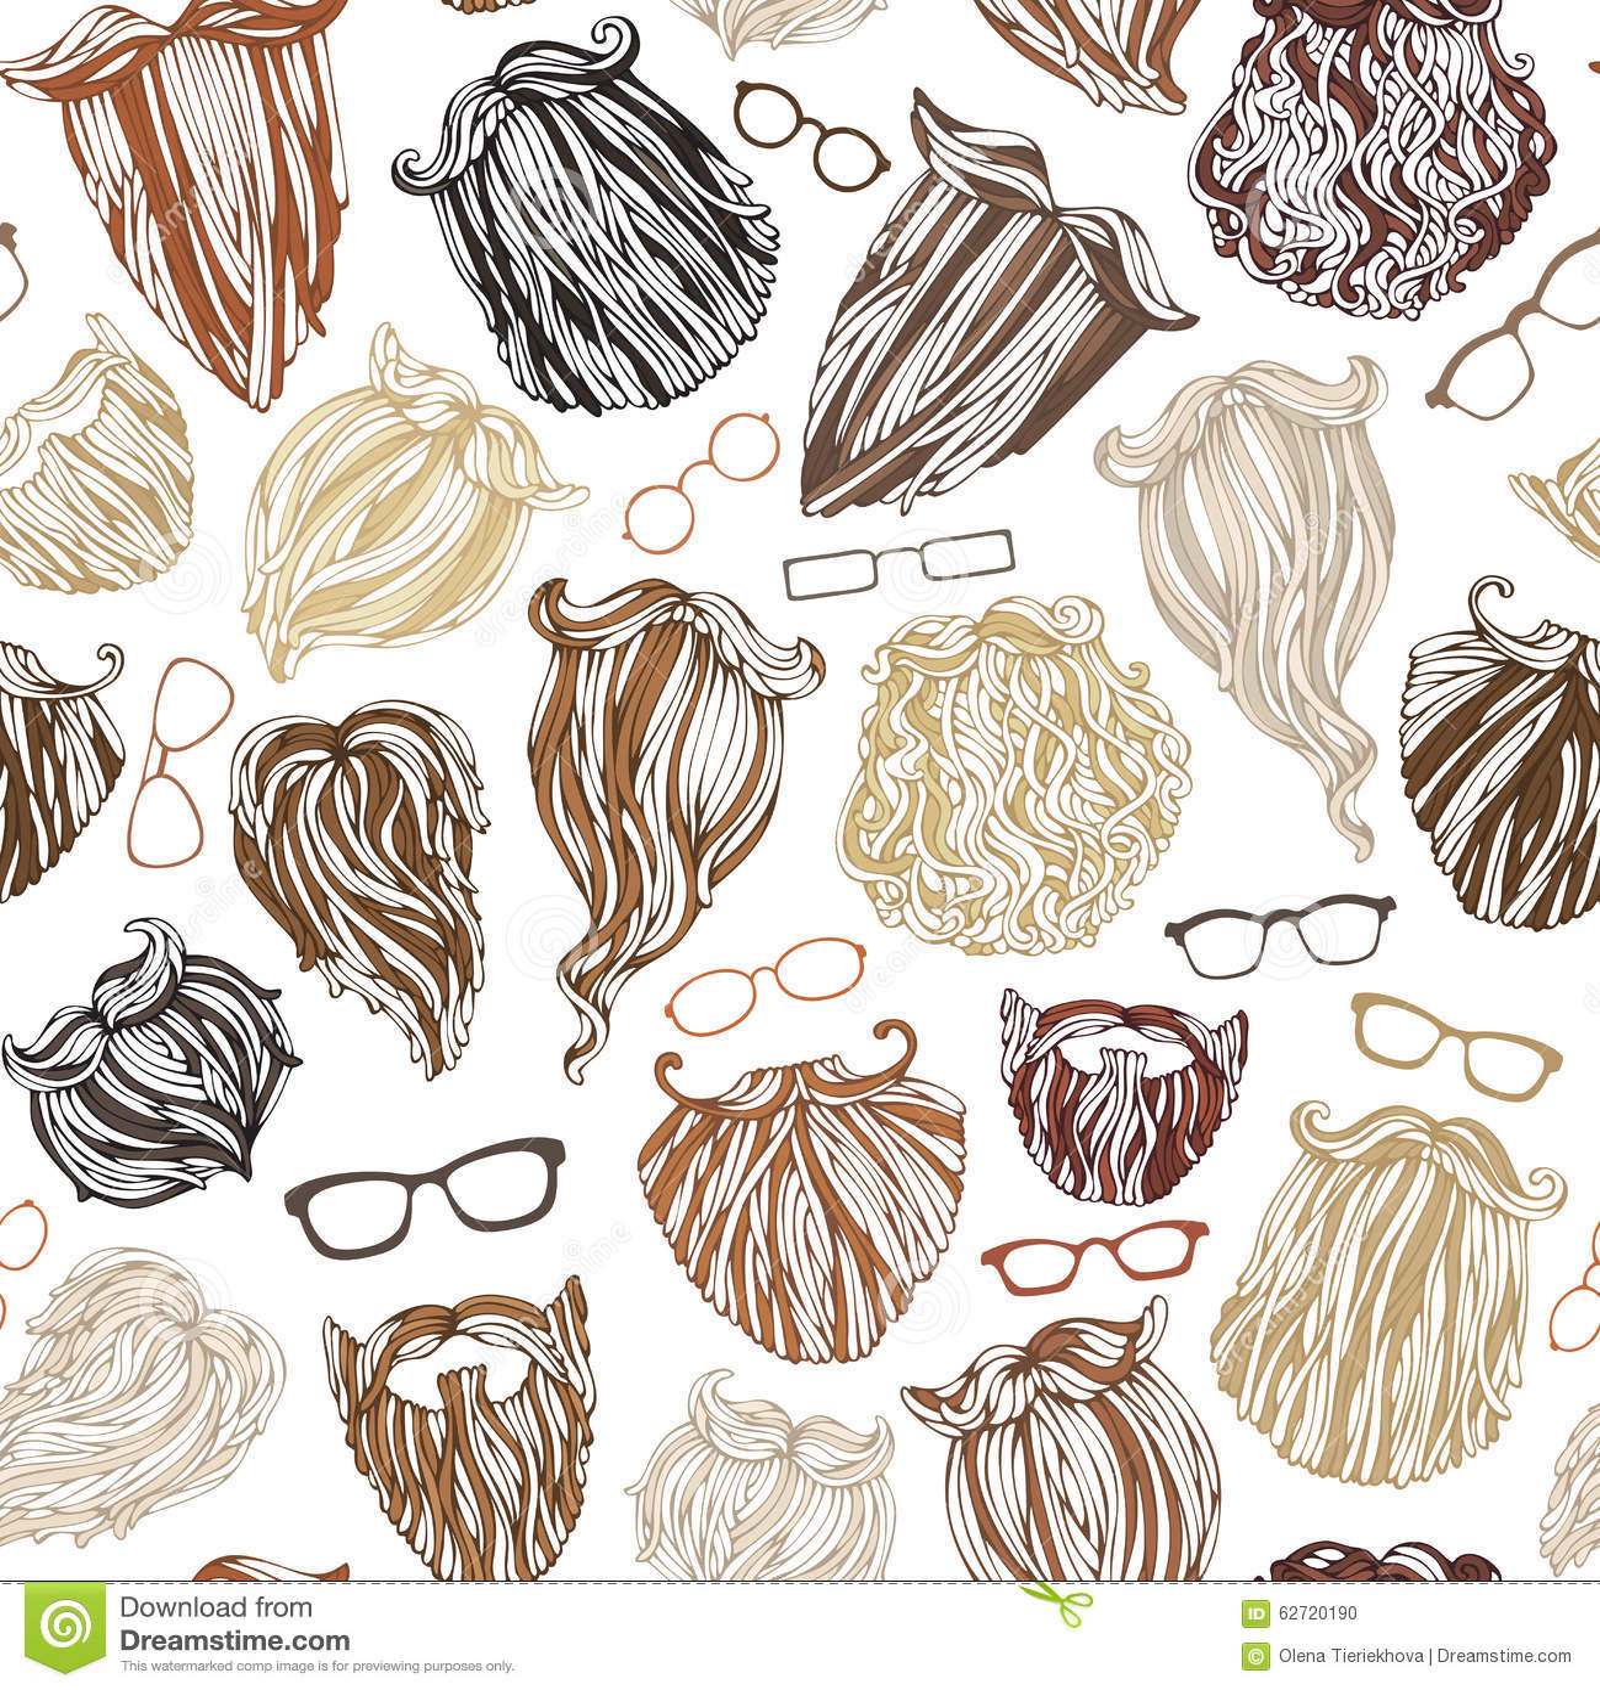 时尚人镜片和职责的胡子的糕点样式的无缝图片